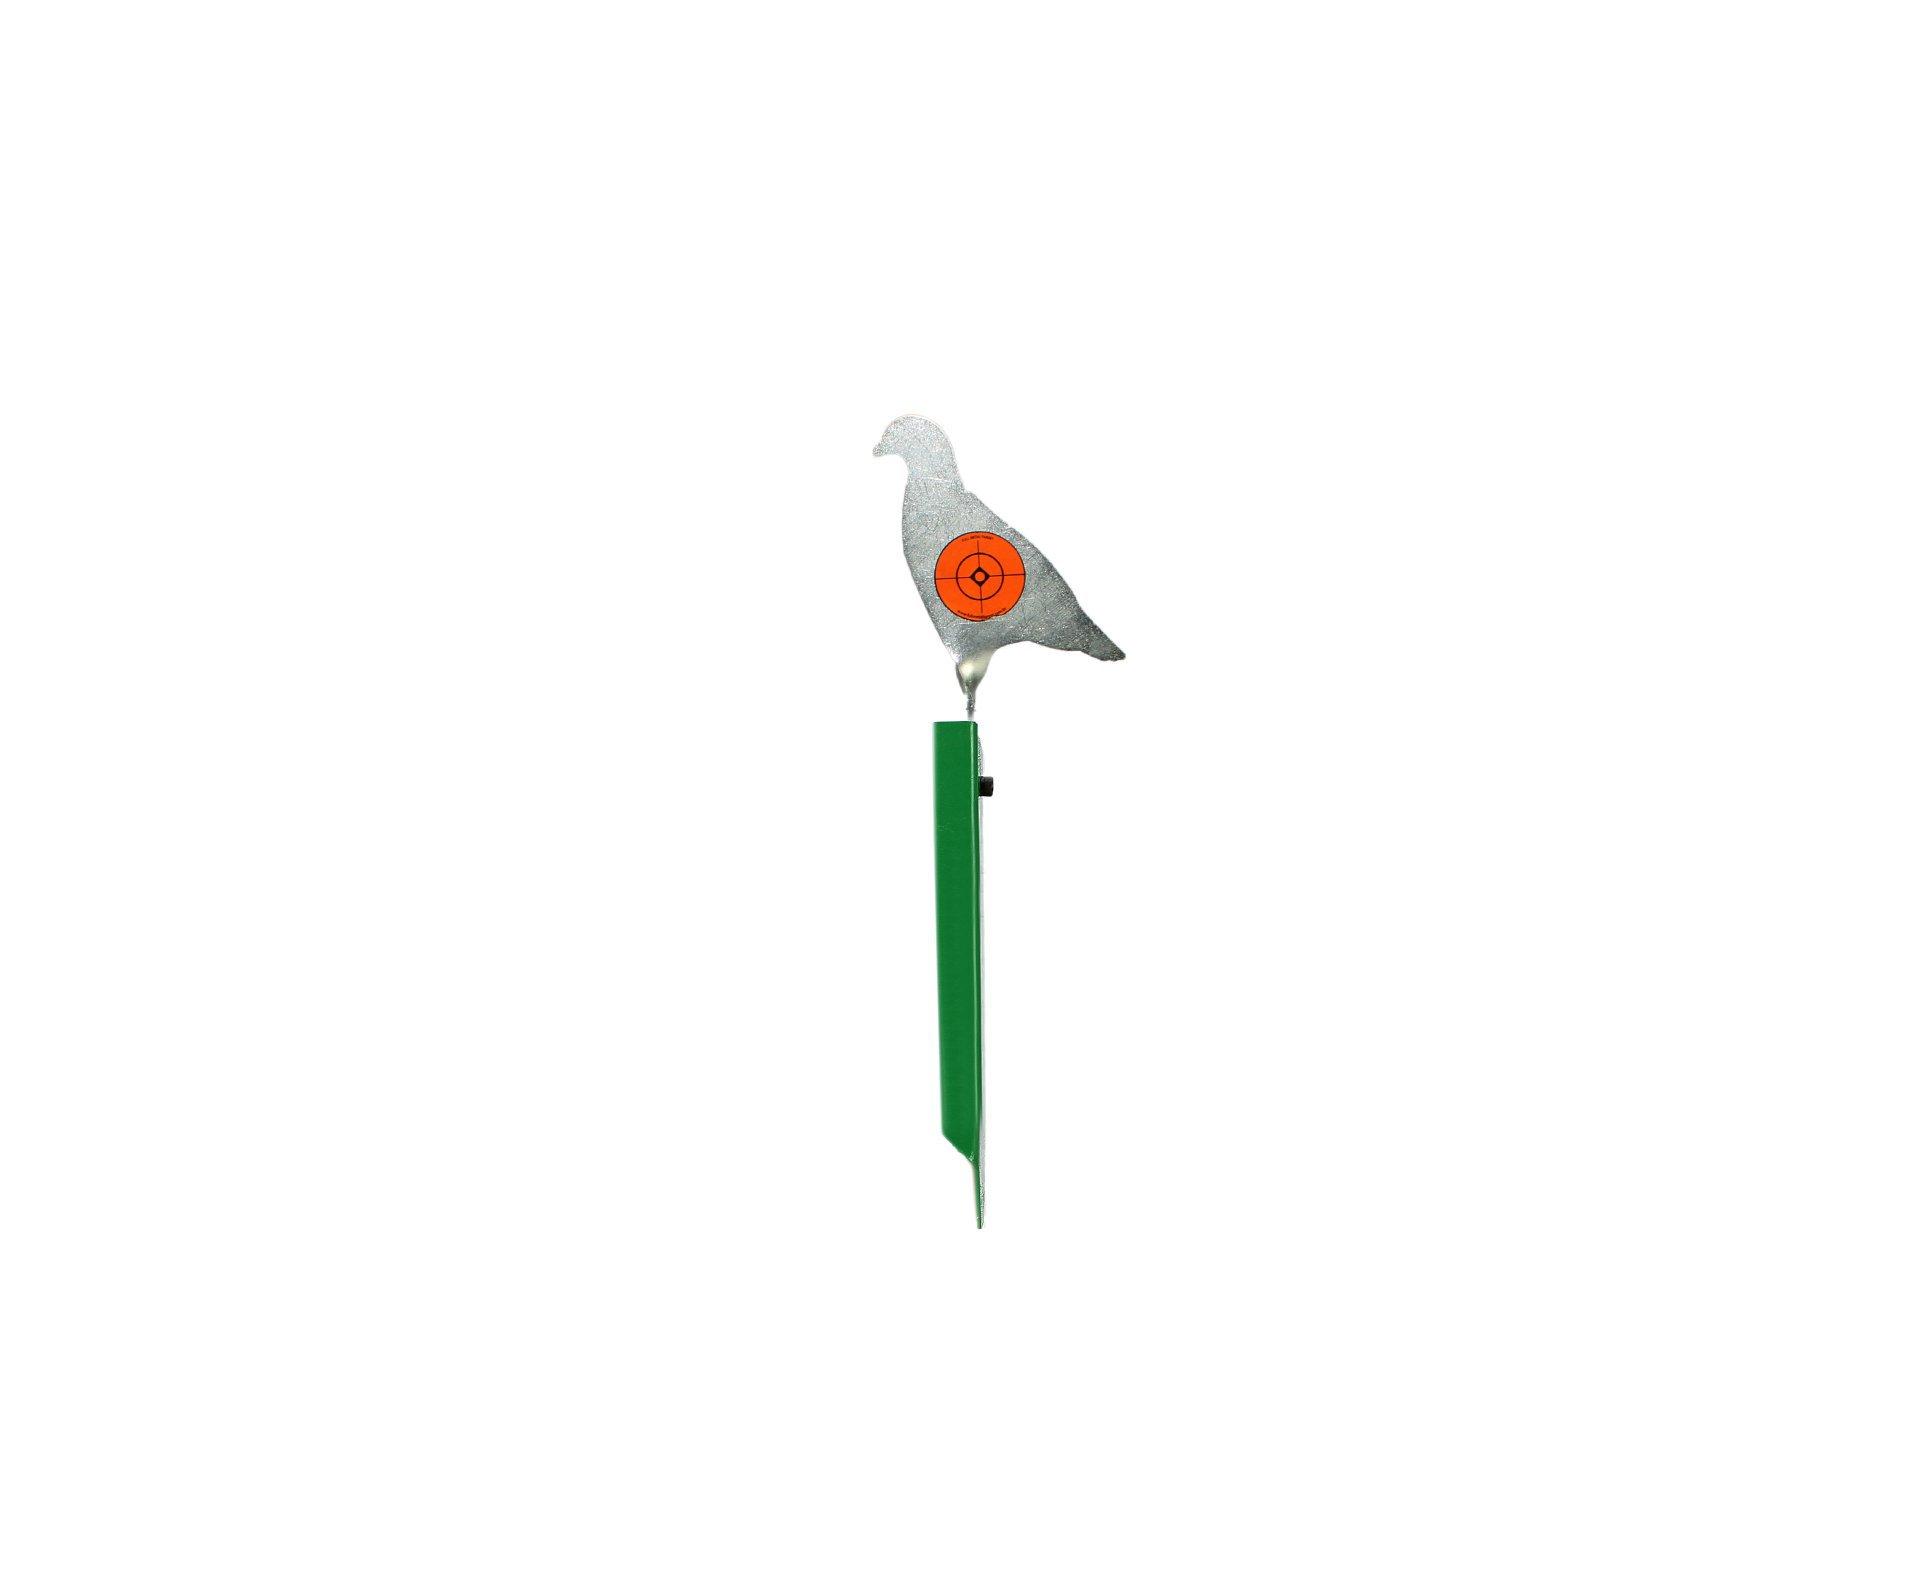 Alvo Plinking 1 Pêndulo Pombo De Fixar No Solo - Full Metal